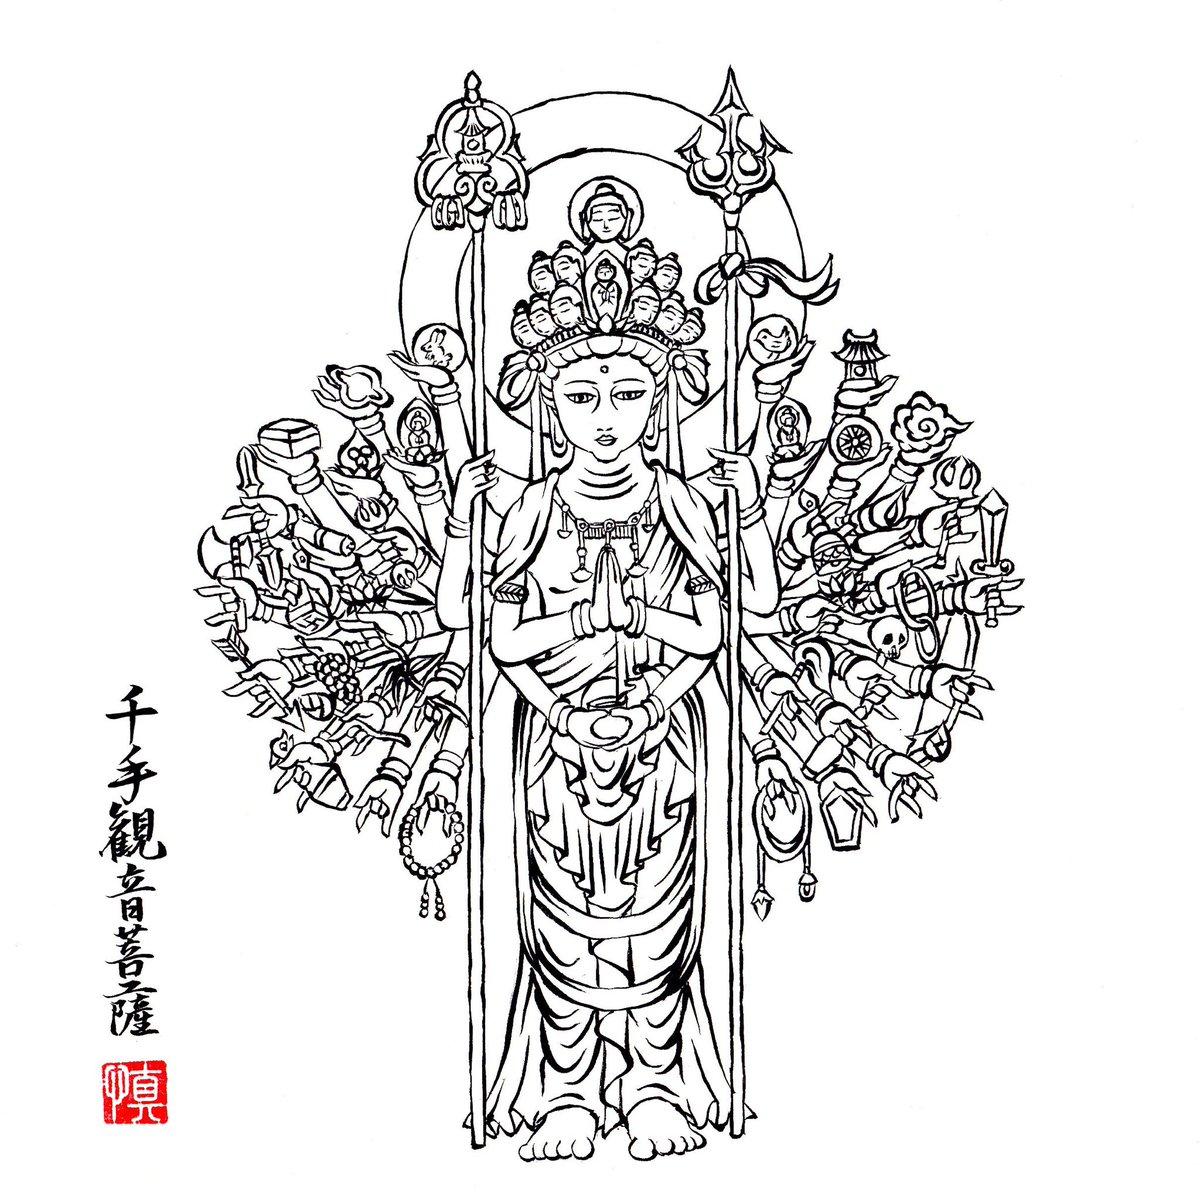 Shin1ro בטוויטר 千手観音菩薩さま 仏ゾーンも大好きです